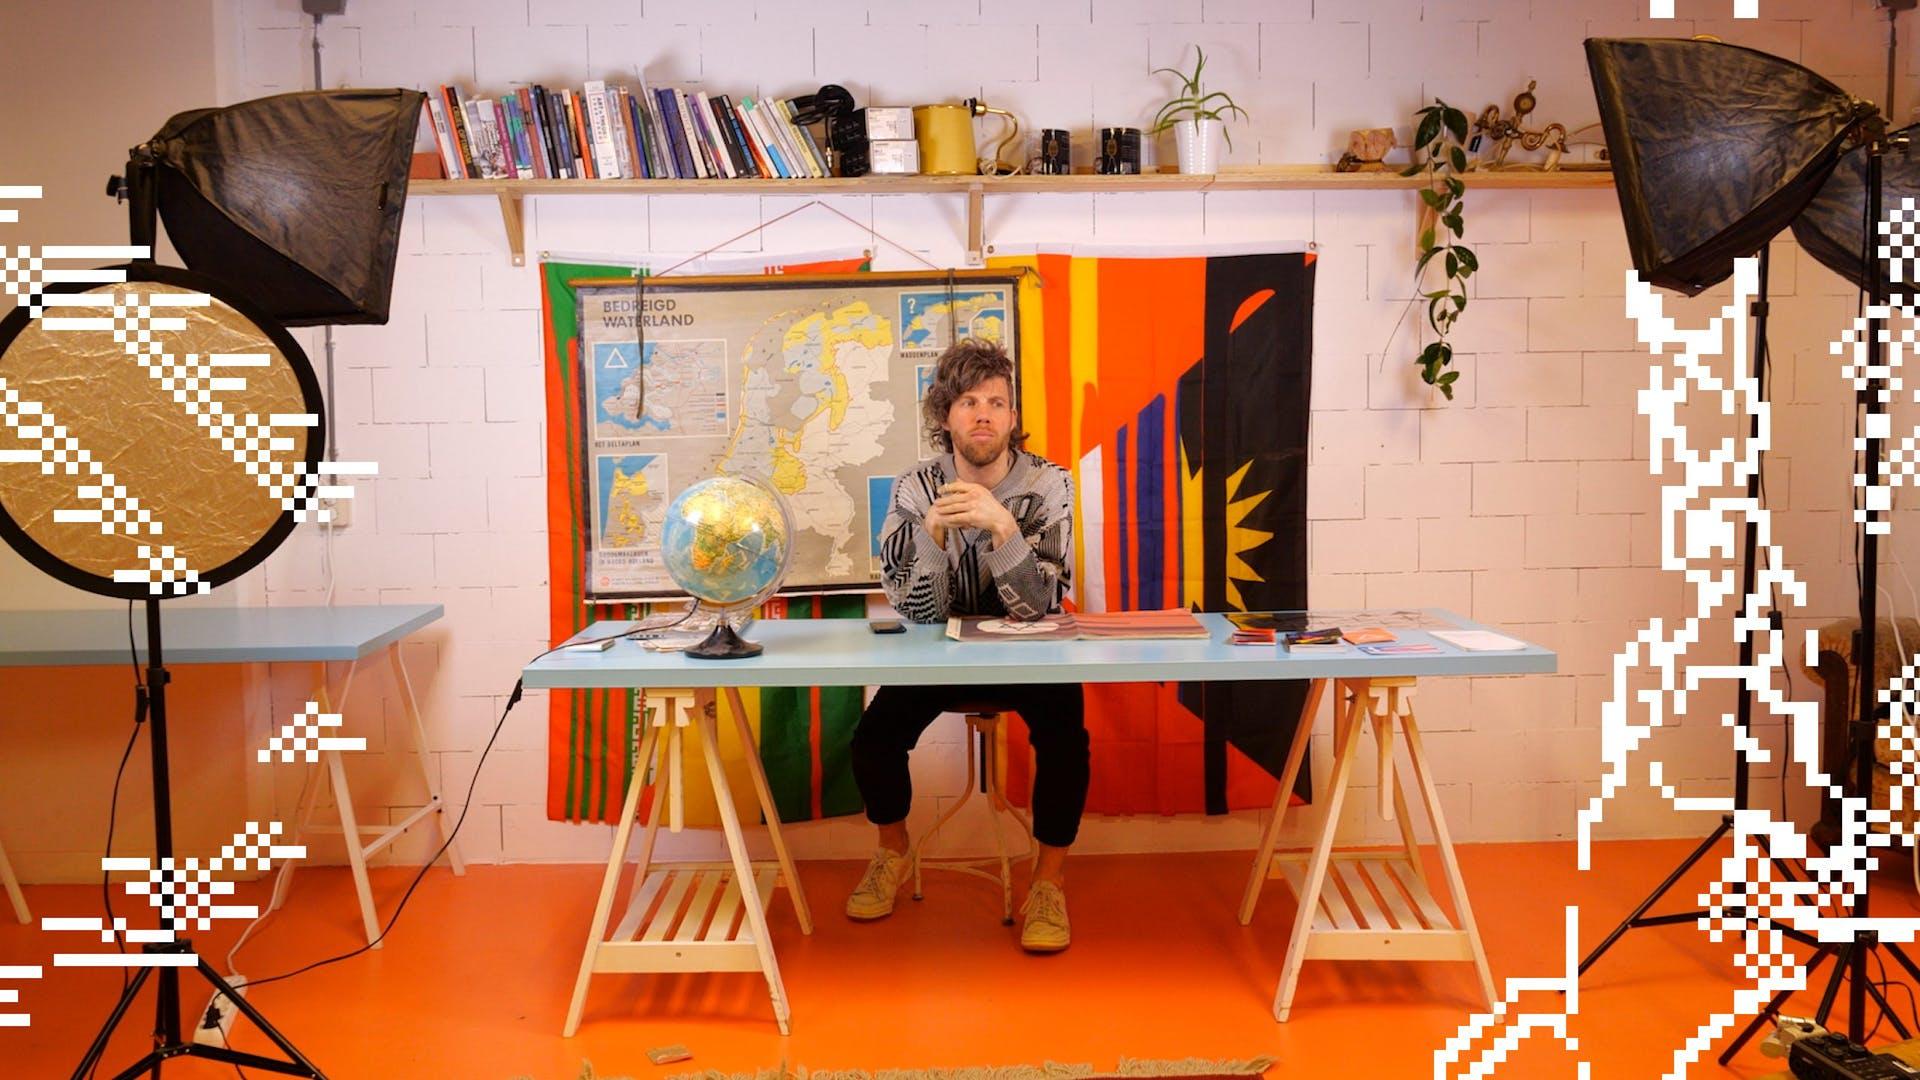 Image of designer Ruben Pater in his studio